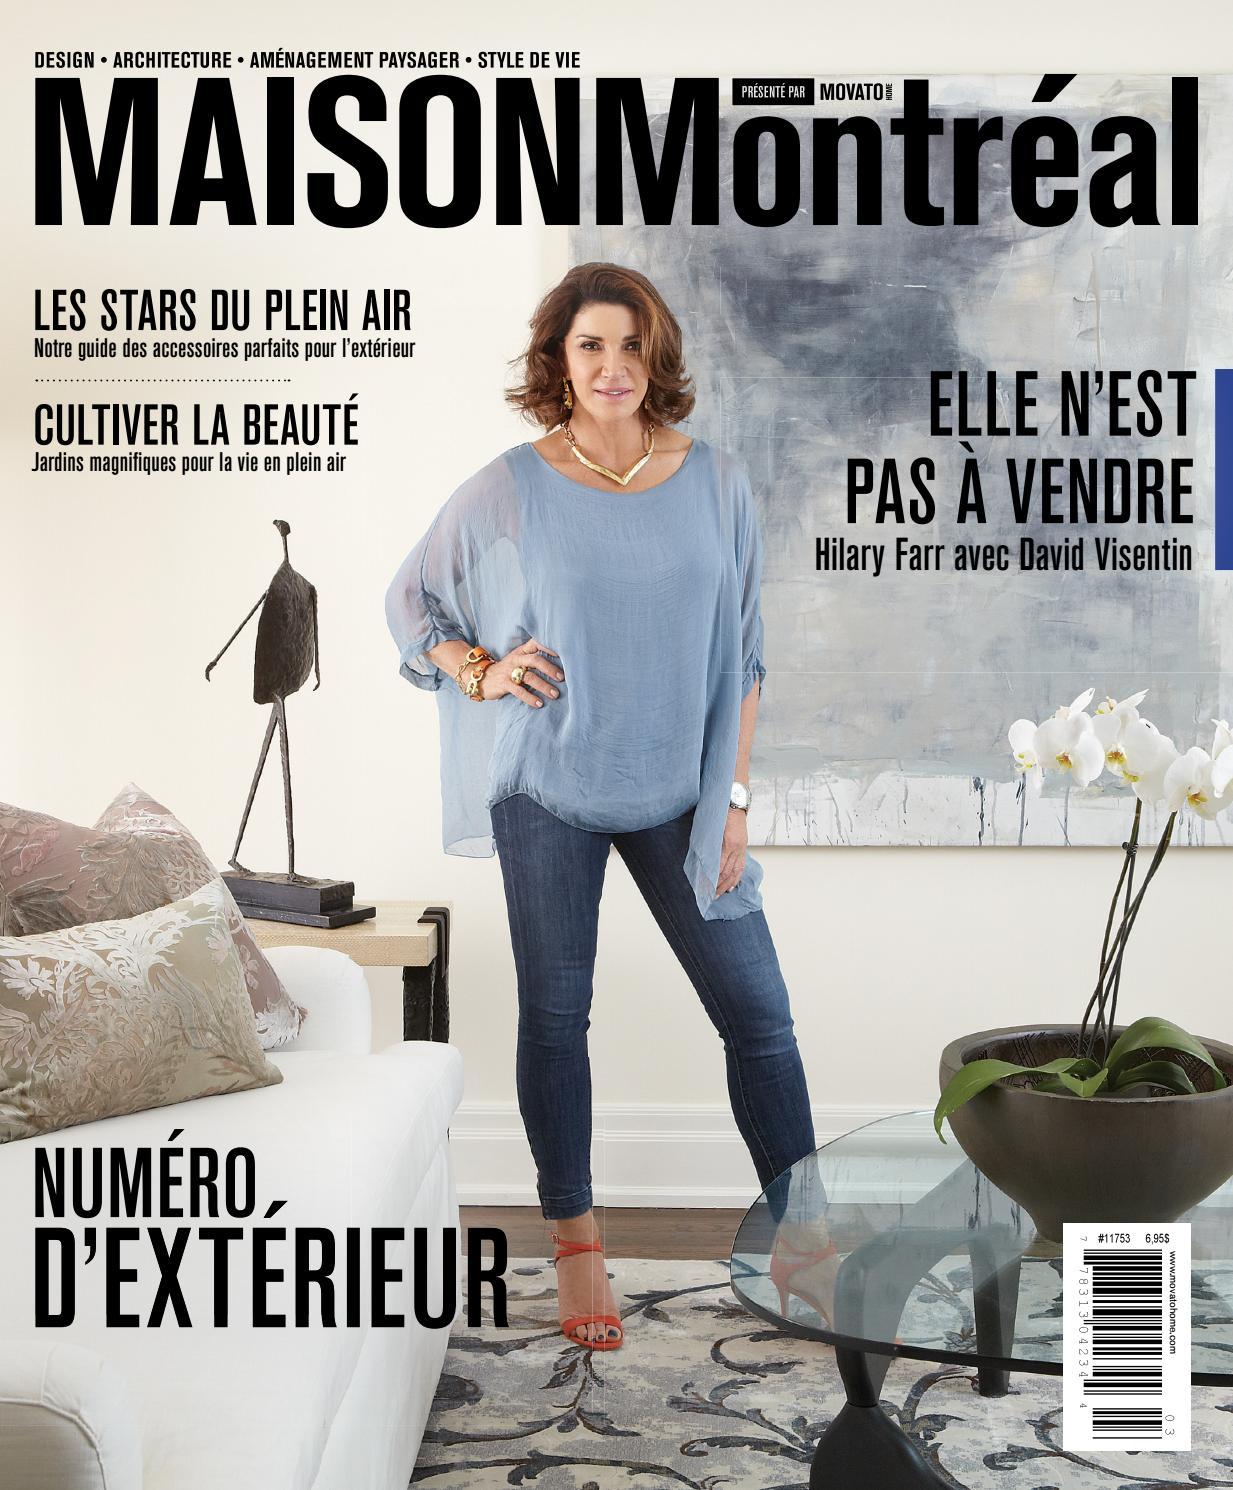 Maison Montr Al Summer 2016 By Movatohome Design  # Bibliotheque Moderne Design Panneau Coulissant